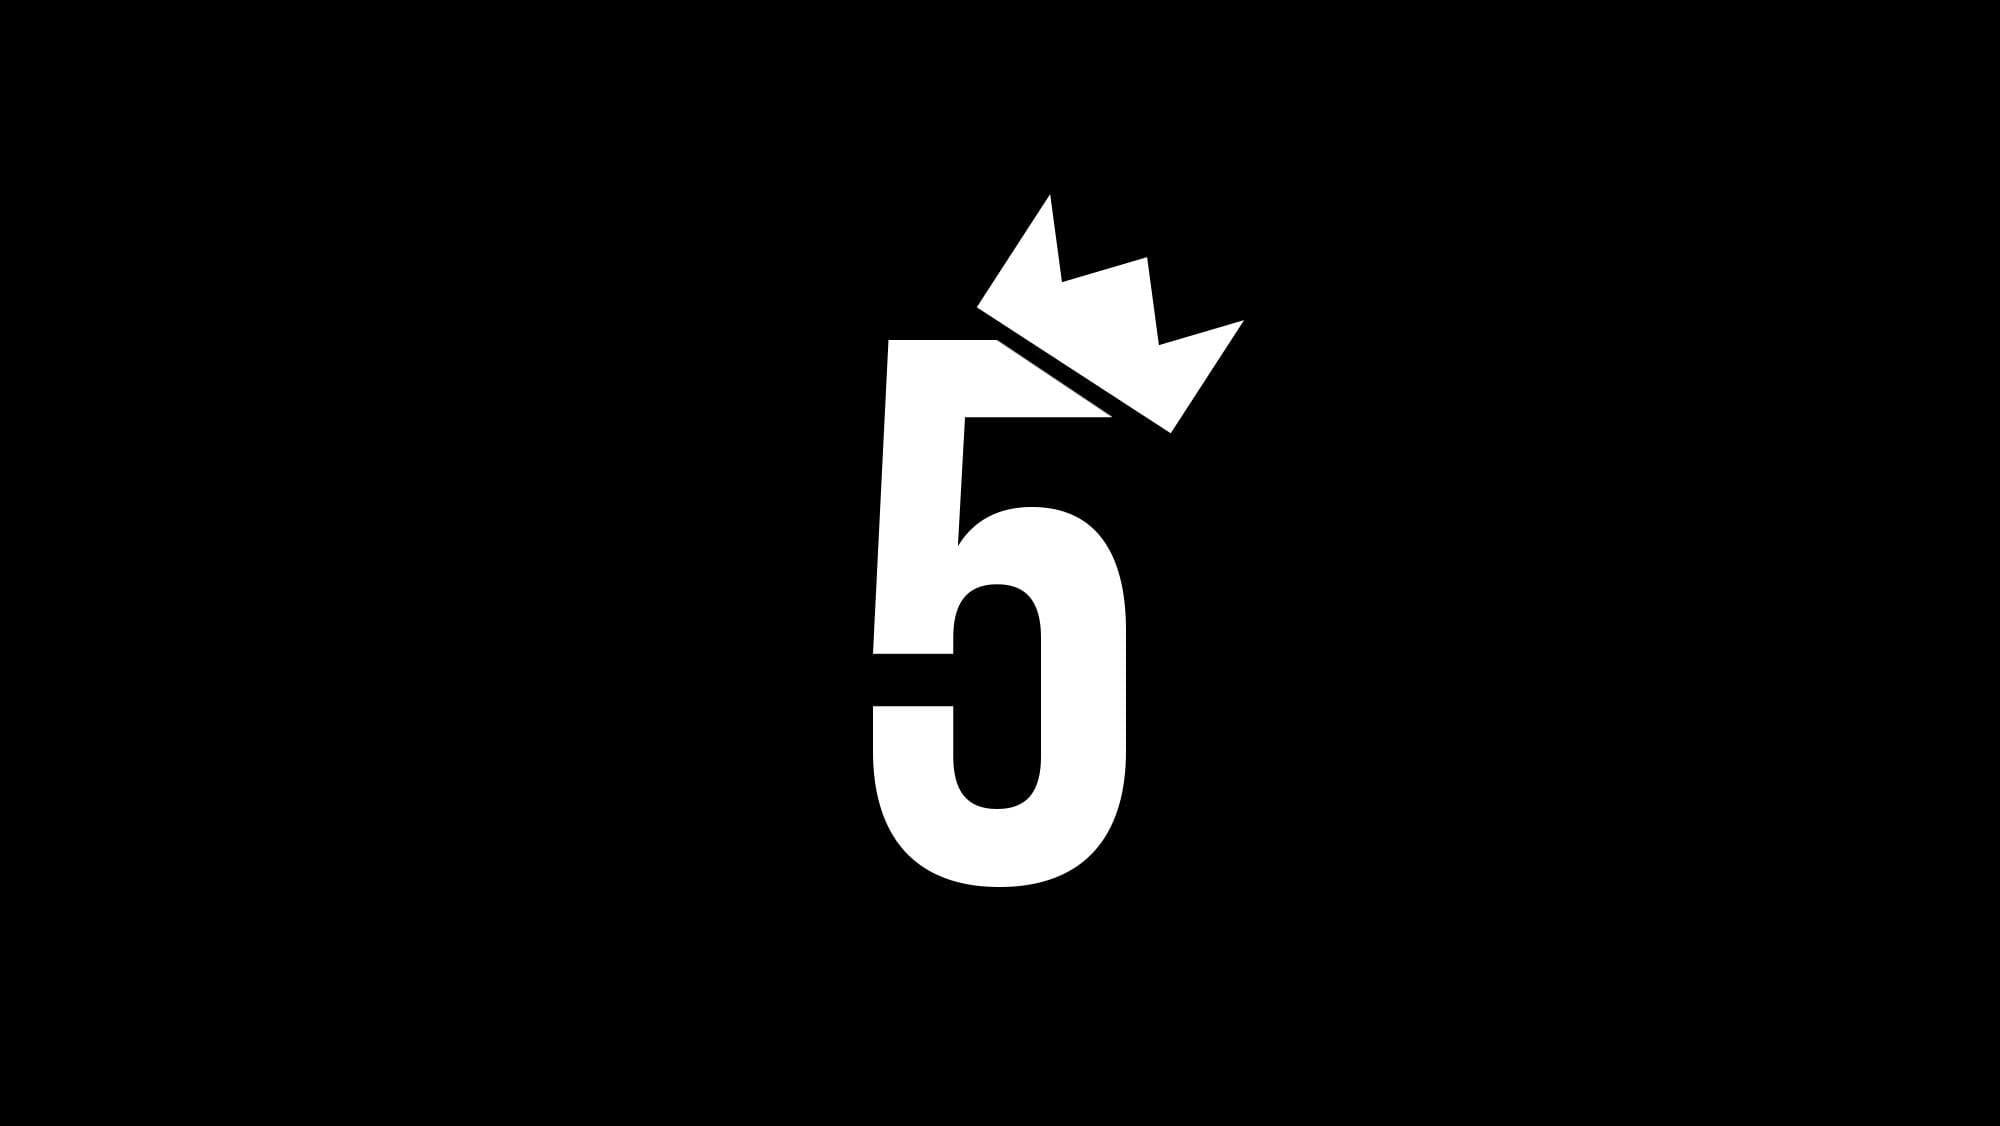 sAWE-wird-5 5 Jahre seriesly AWESOME! Was wünscht ihr euch?